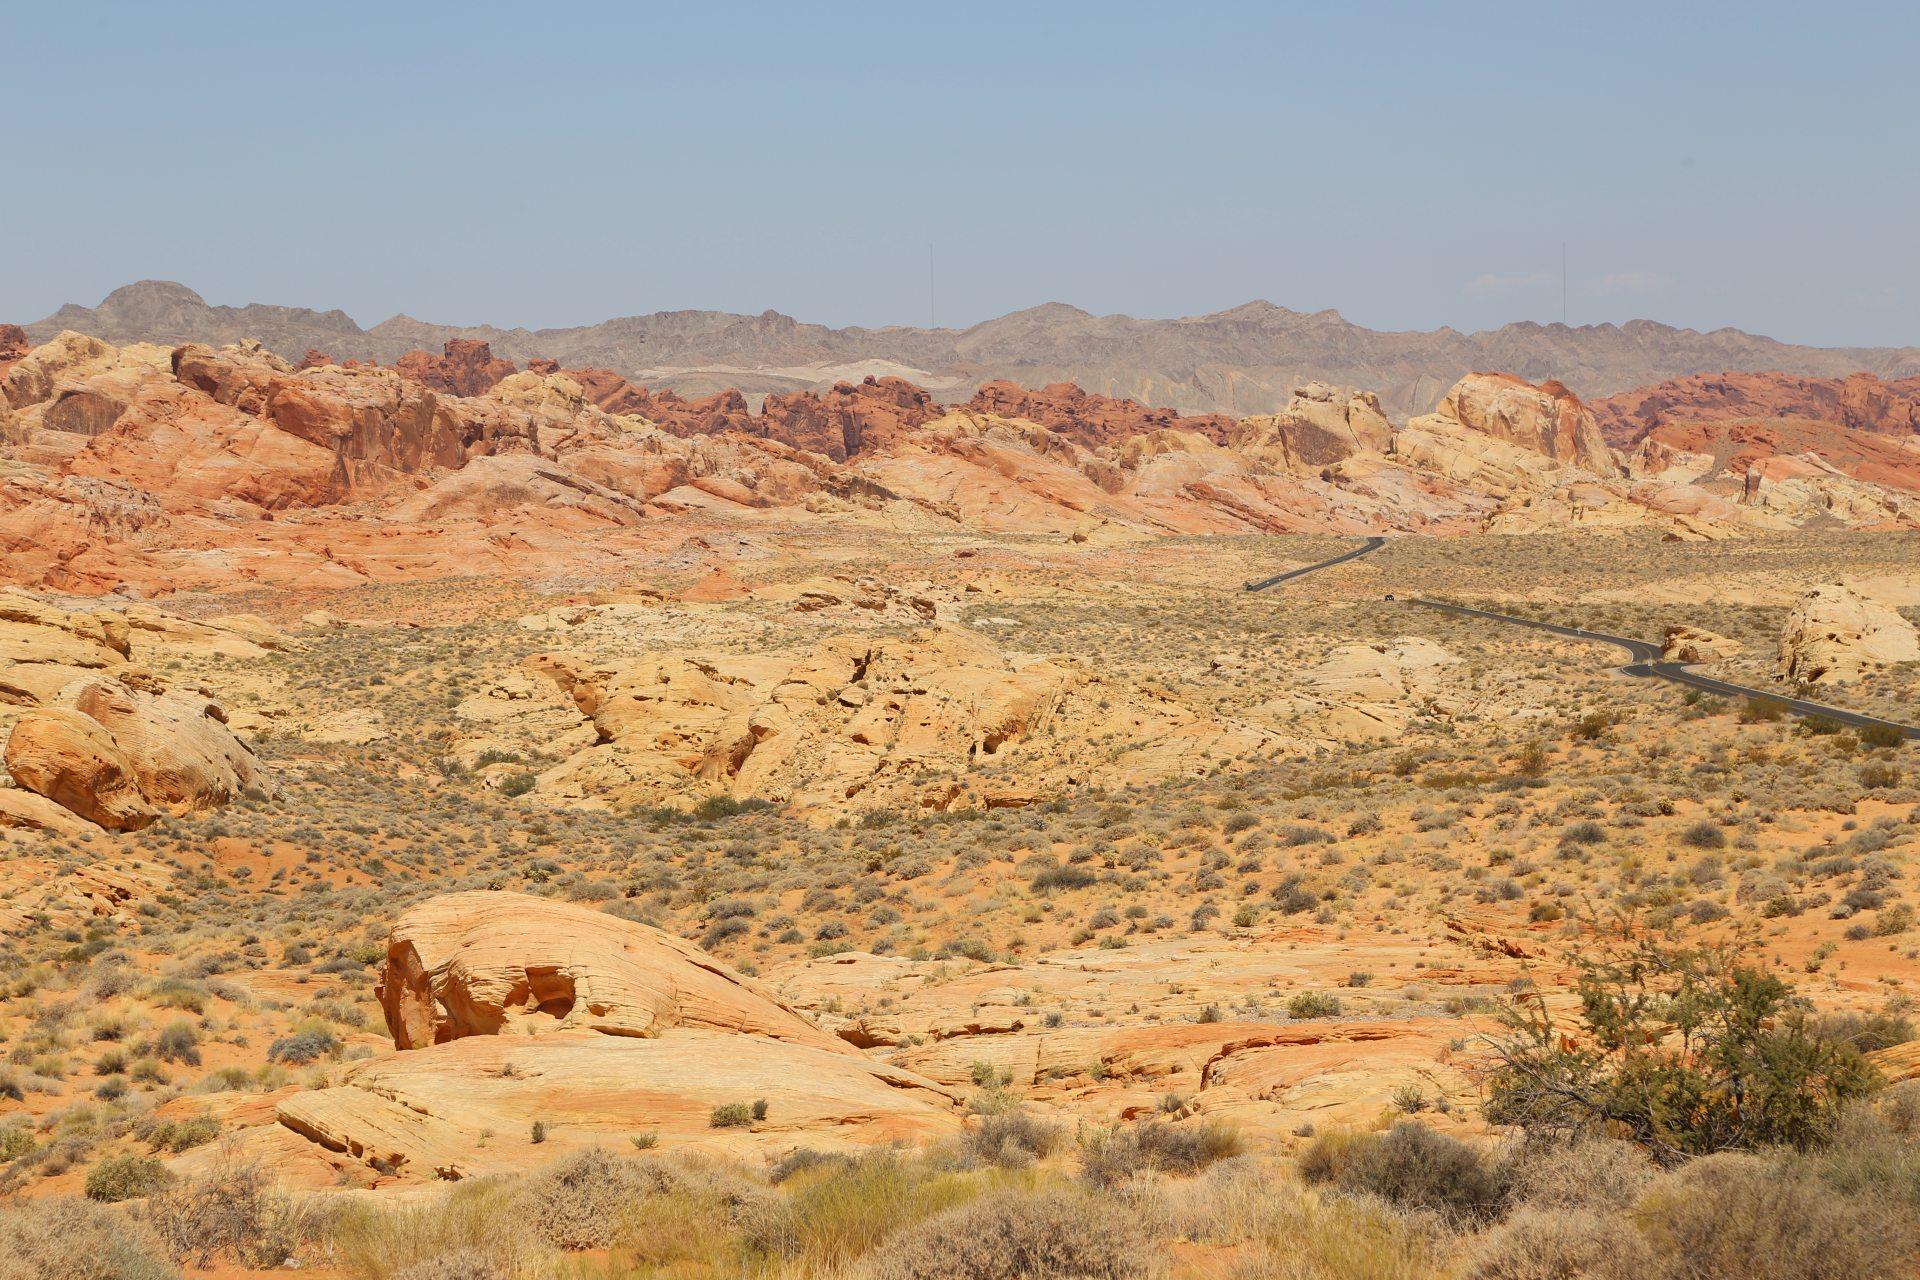 Eine Landschaft wie eine Farbpalette - Aussicht, Countryside, Erosion, Farben, farbenfroh, Fernsicht, Himmel, Landschaft, malerisch, Natur, Nevada, Panorama, Sandstein, Sandsteinformationen, Strasse, traumhaft, Weg - (Silver City (historical), Overton, Nevada, Vereinigte Staaten)